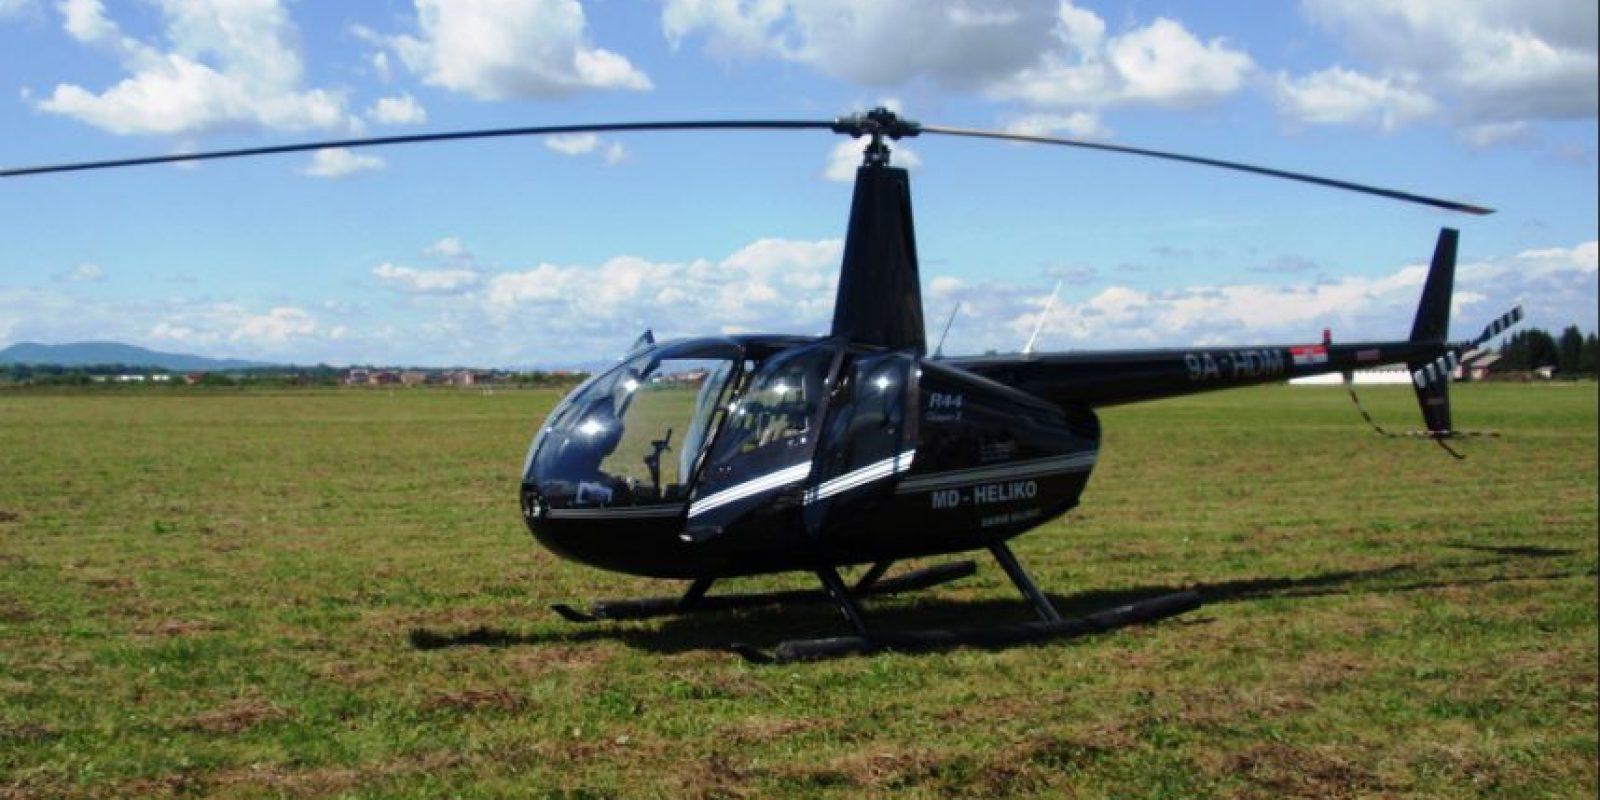 El helicoptero es un Robinson 44. Foto:Wikipedia Commons